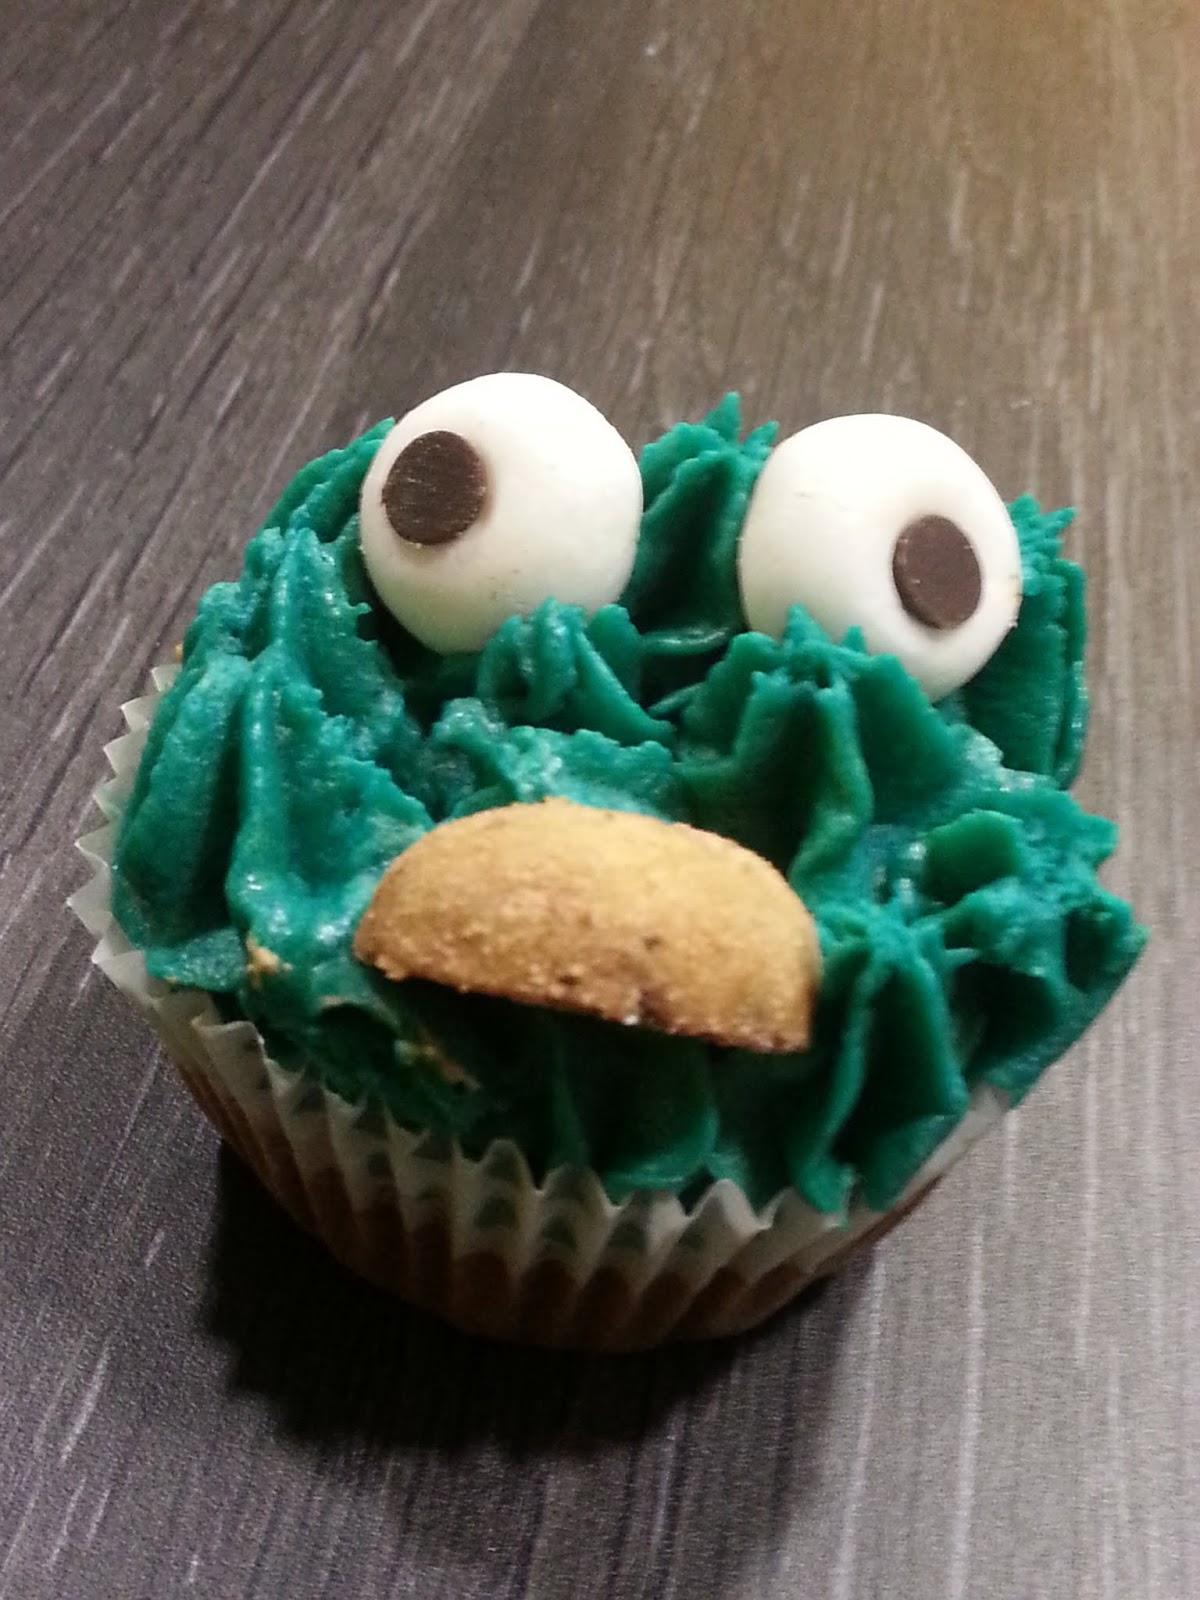 Baldosas de colores curso de cupcakes en casa aramendia - Baldosas de colores ...